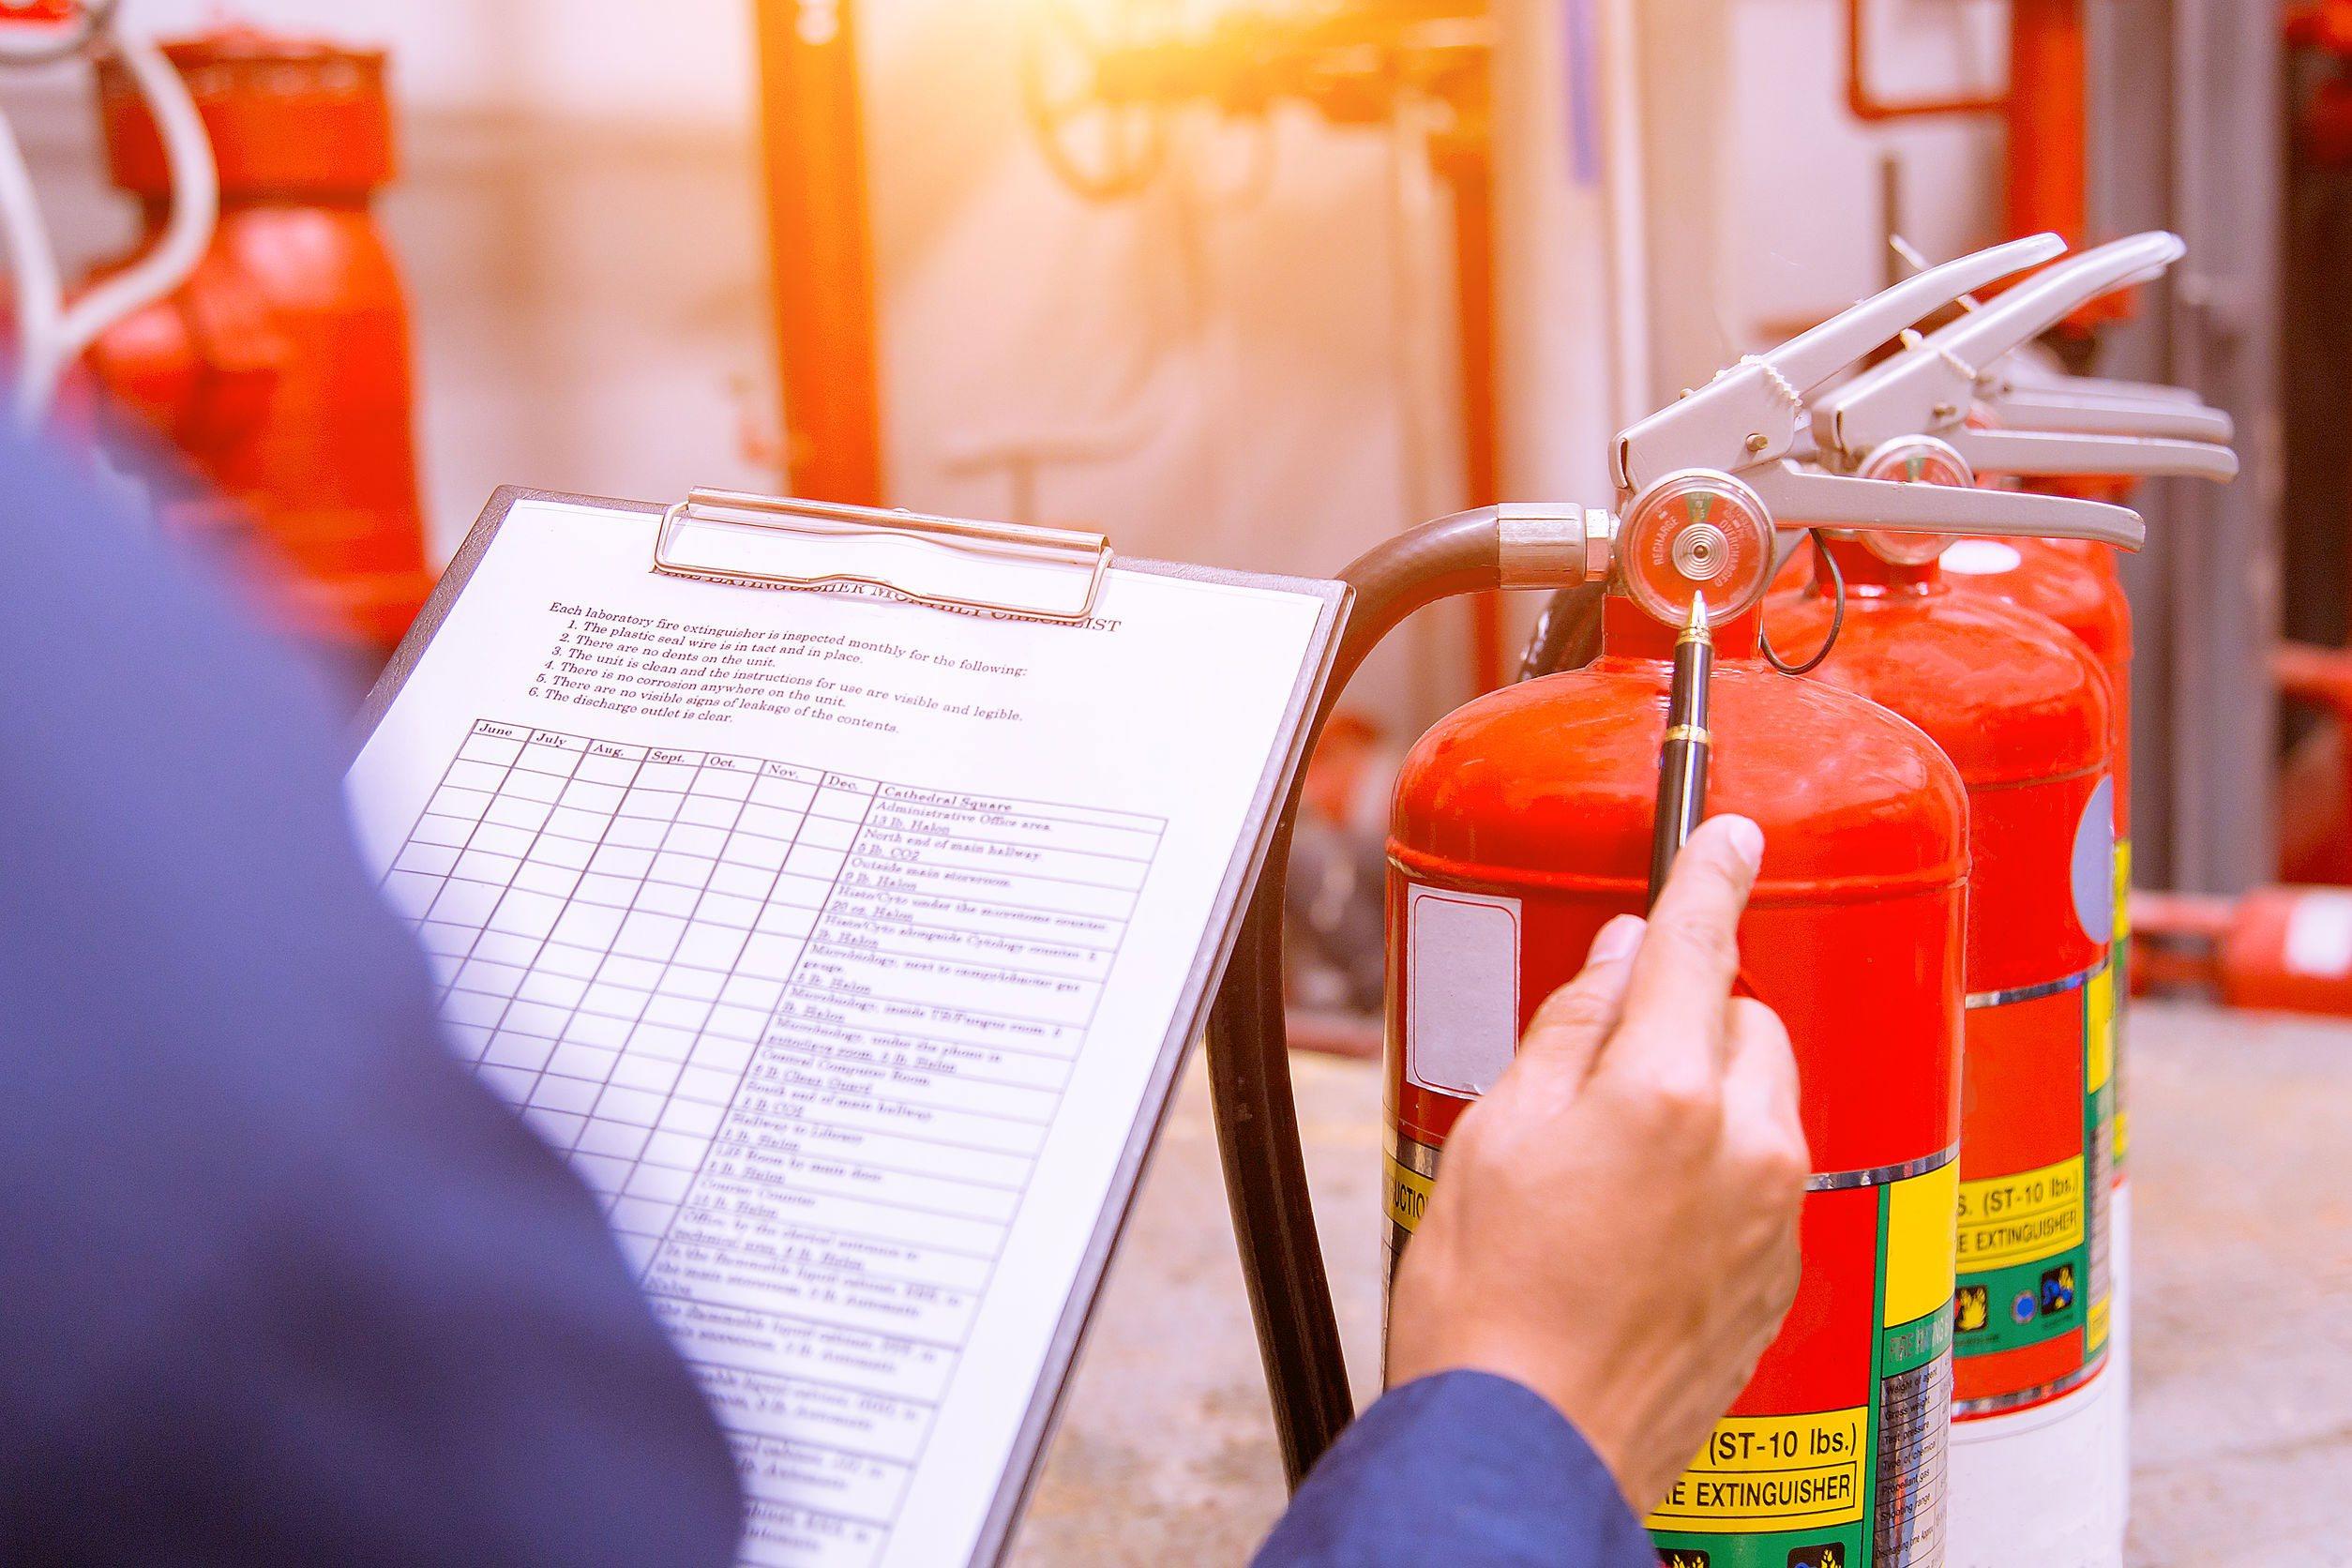 Что Необходимо Для Установки и Обслуживания Средств Обеспечения Пожарной Безопасности Зданий и Сооружений!